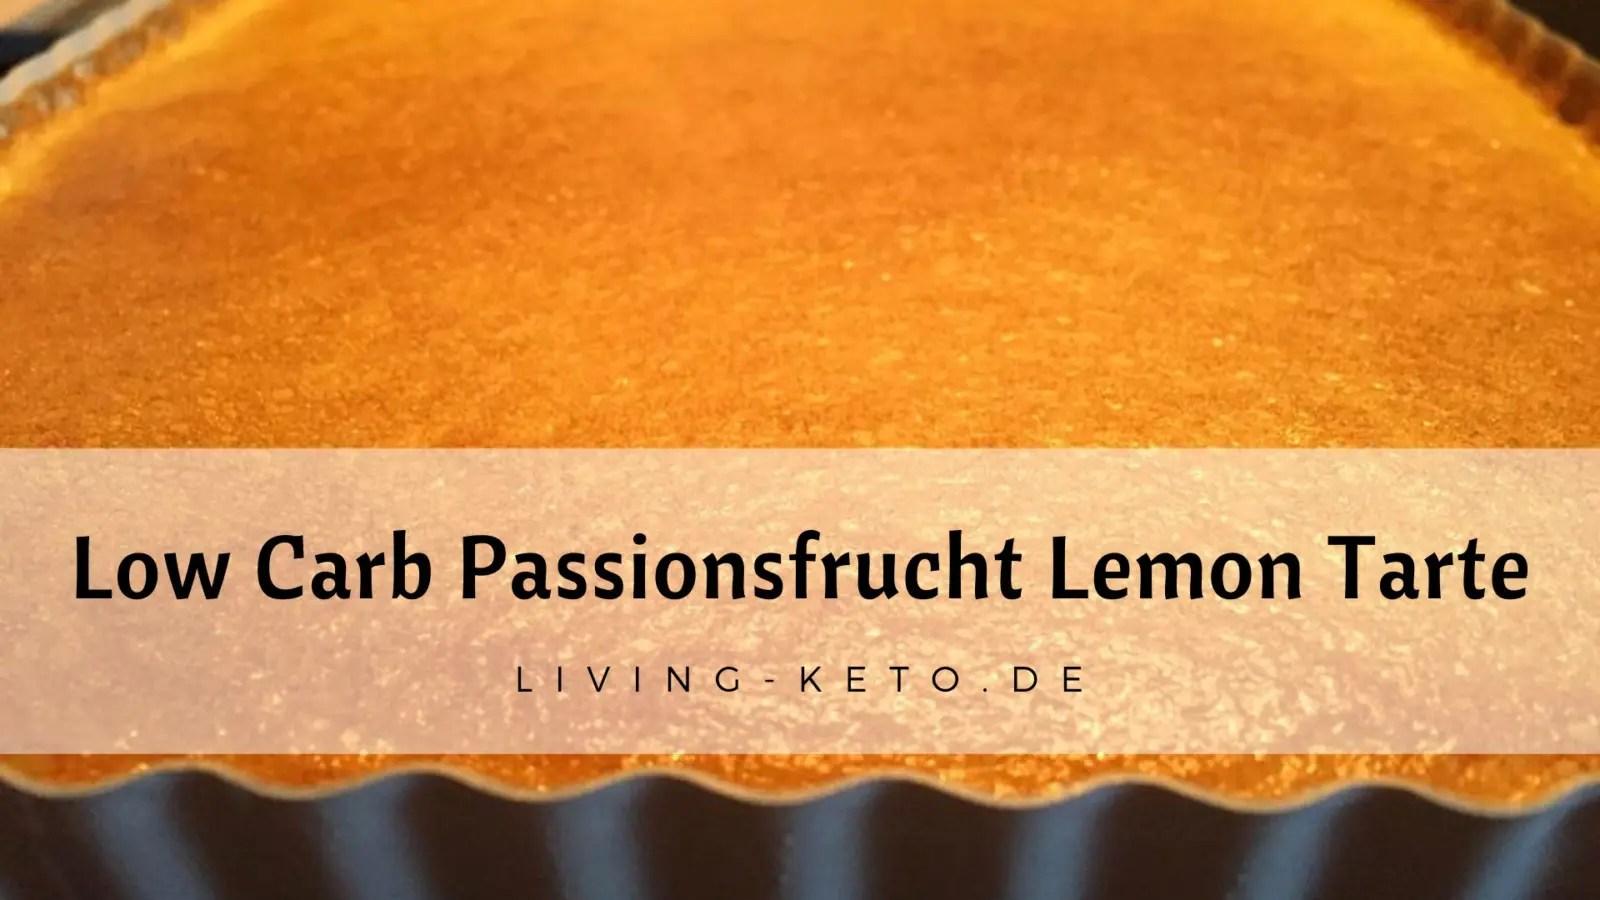 Low Carb Passionsfrucht Lemon Tarte